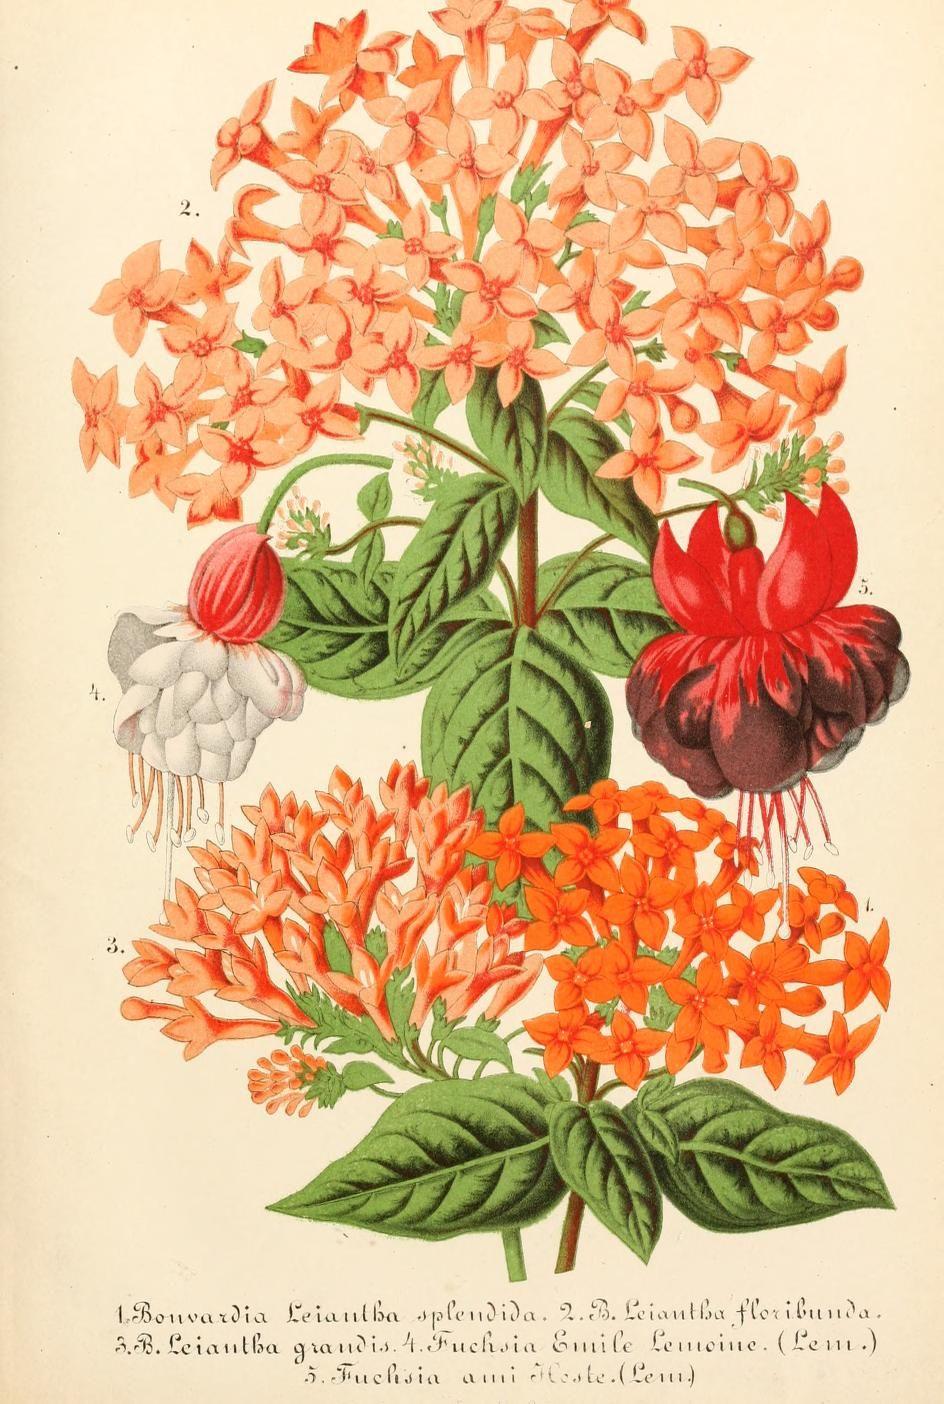 Bd 9 1865 Illustrierte Garten Zeitung Biodiversity Heritage Library Botanical Prints Fauna Illustration Botanical Illustration